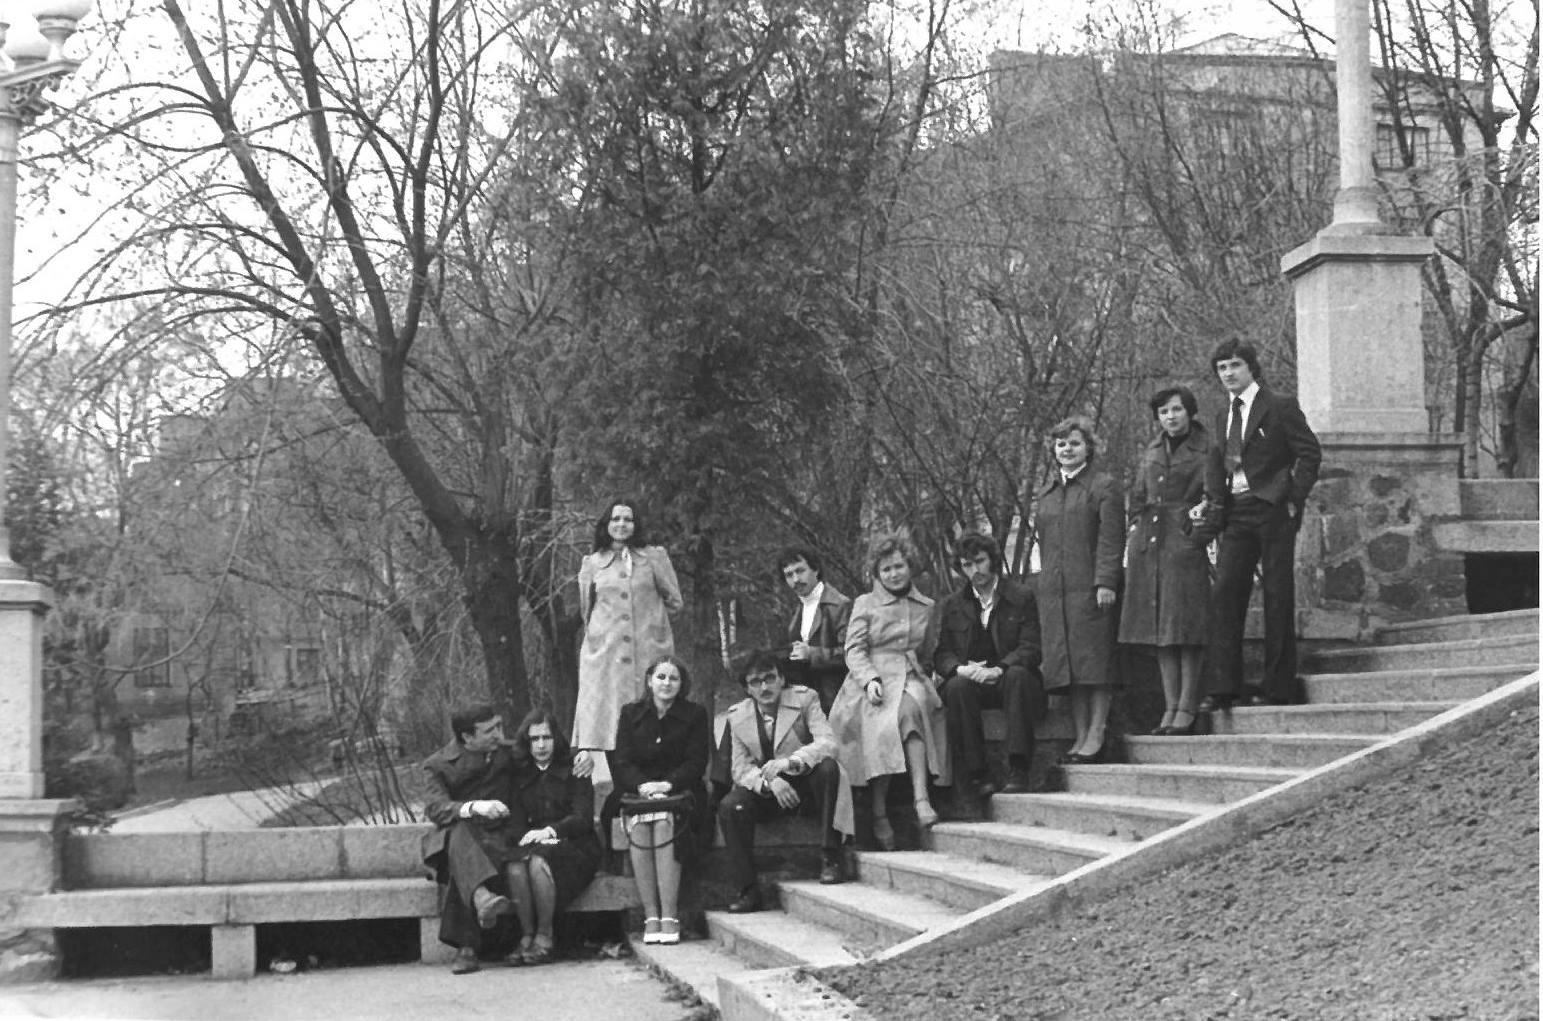 Луцьк 1970-их років на атмосферних світлинах випускників історичного факультету